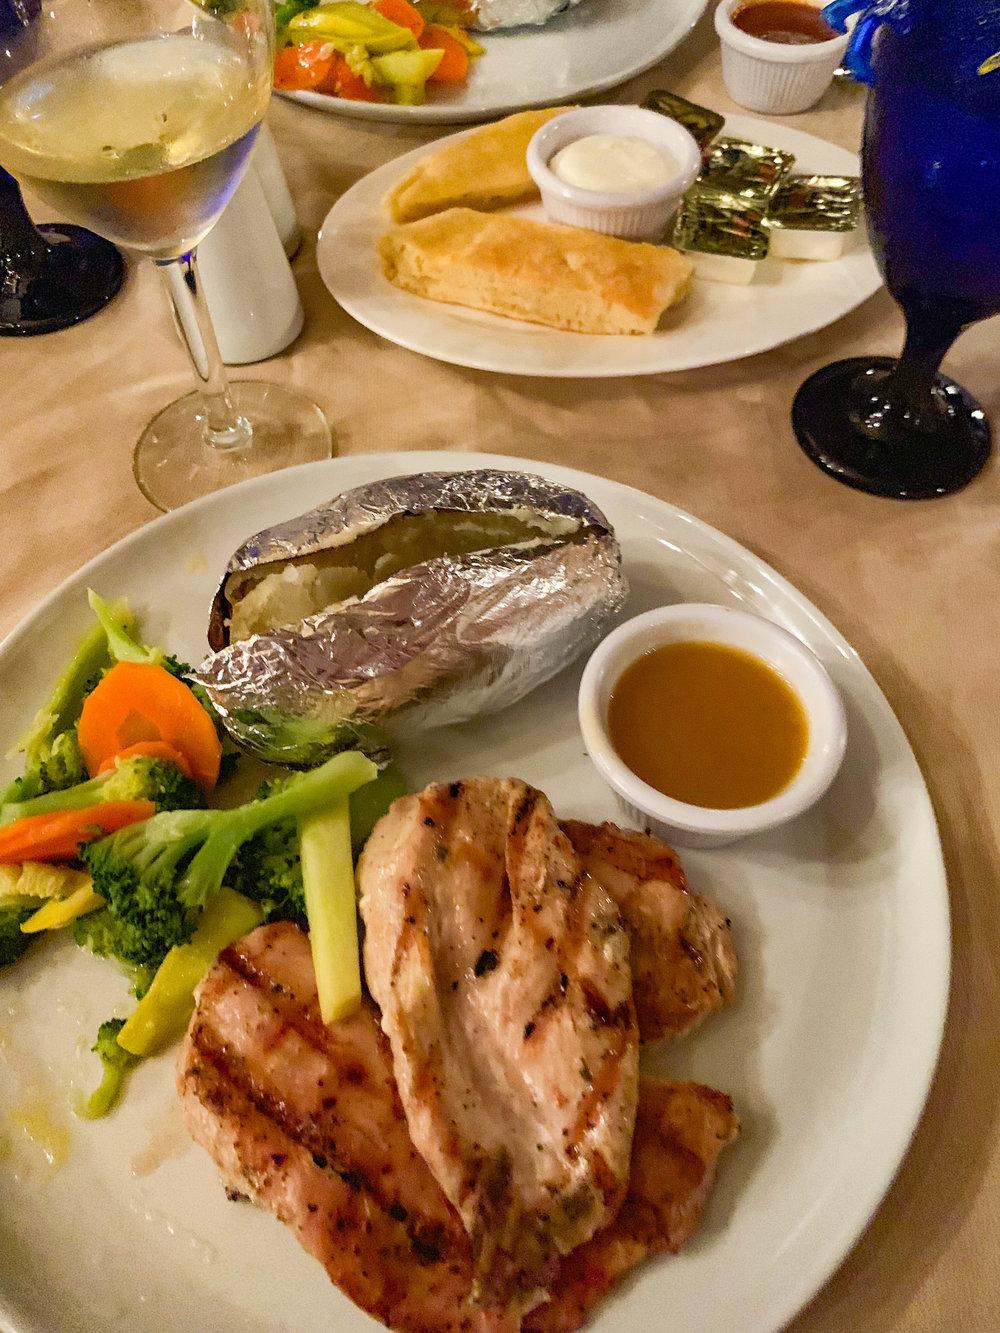 Driftwood Aruba Downtown Dinner - Chicken